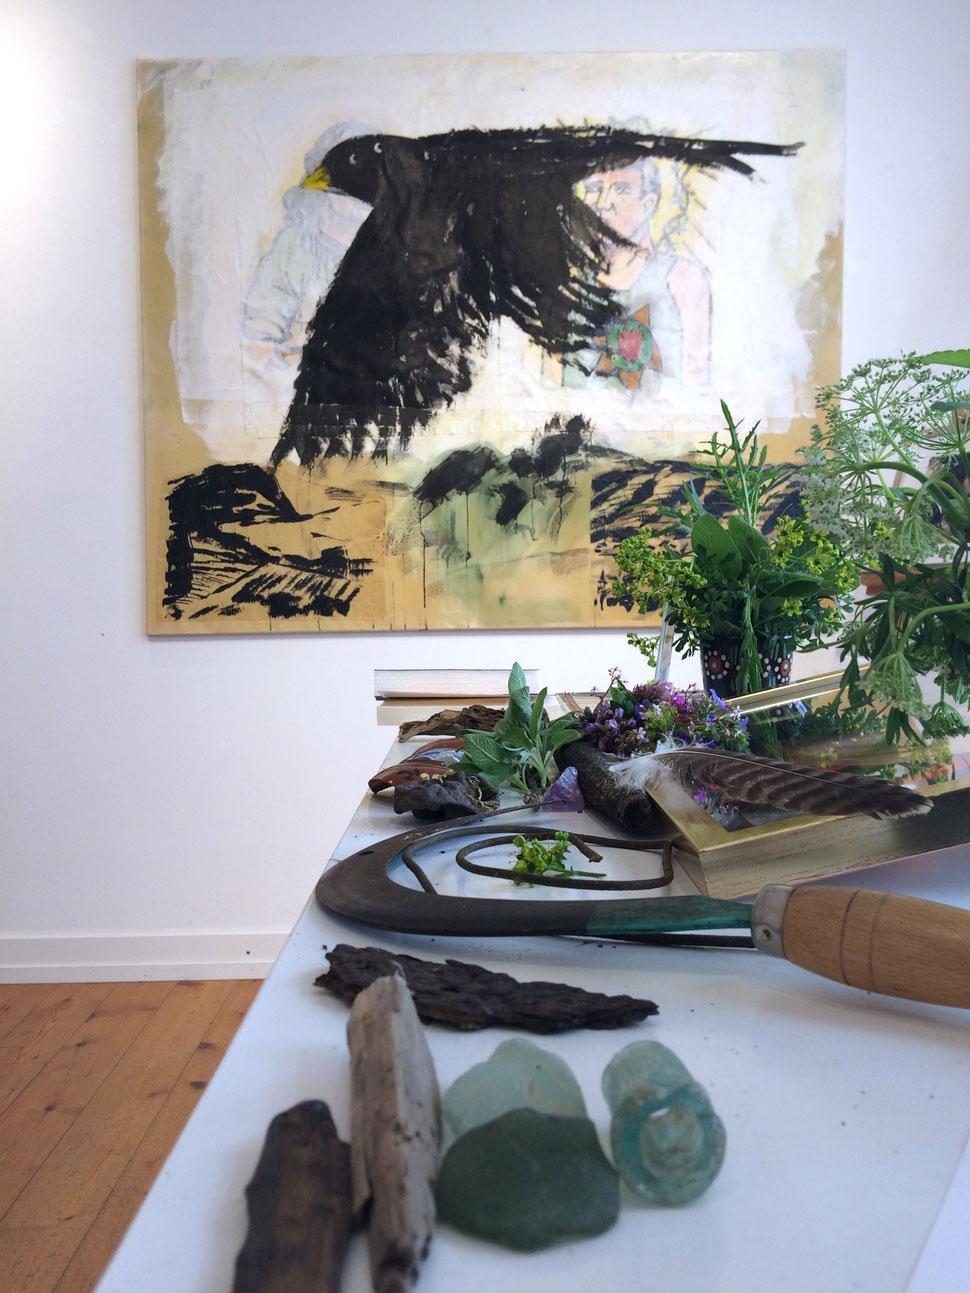 """Finissage der Ausstellung """"Schlot 1.3 - Landfahrer"""" im kuba Nettersheim : gleichzeitig ein Abschied der Schlotisten von Jean Lessenich"""